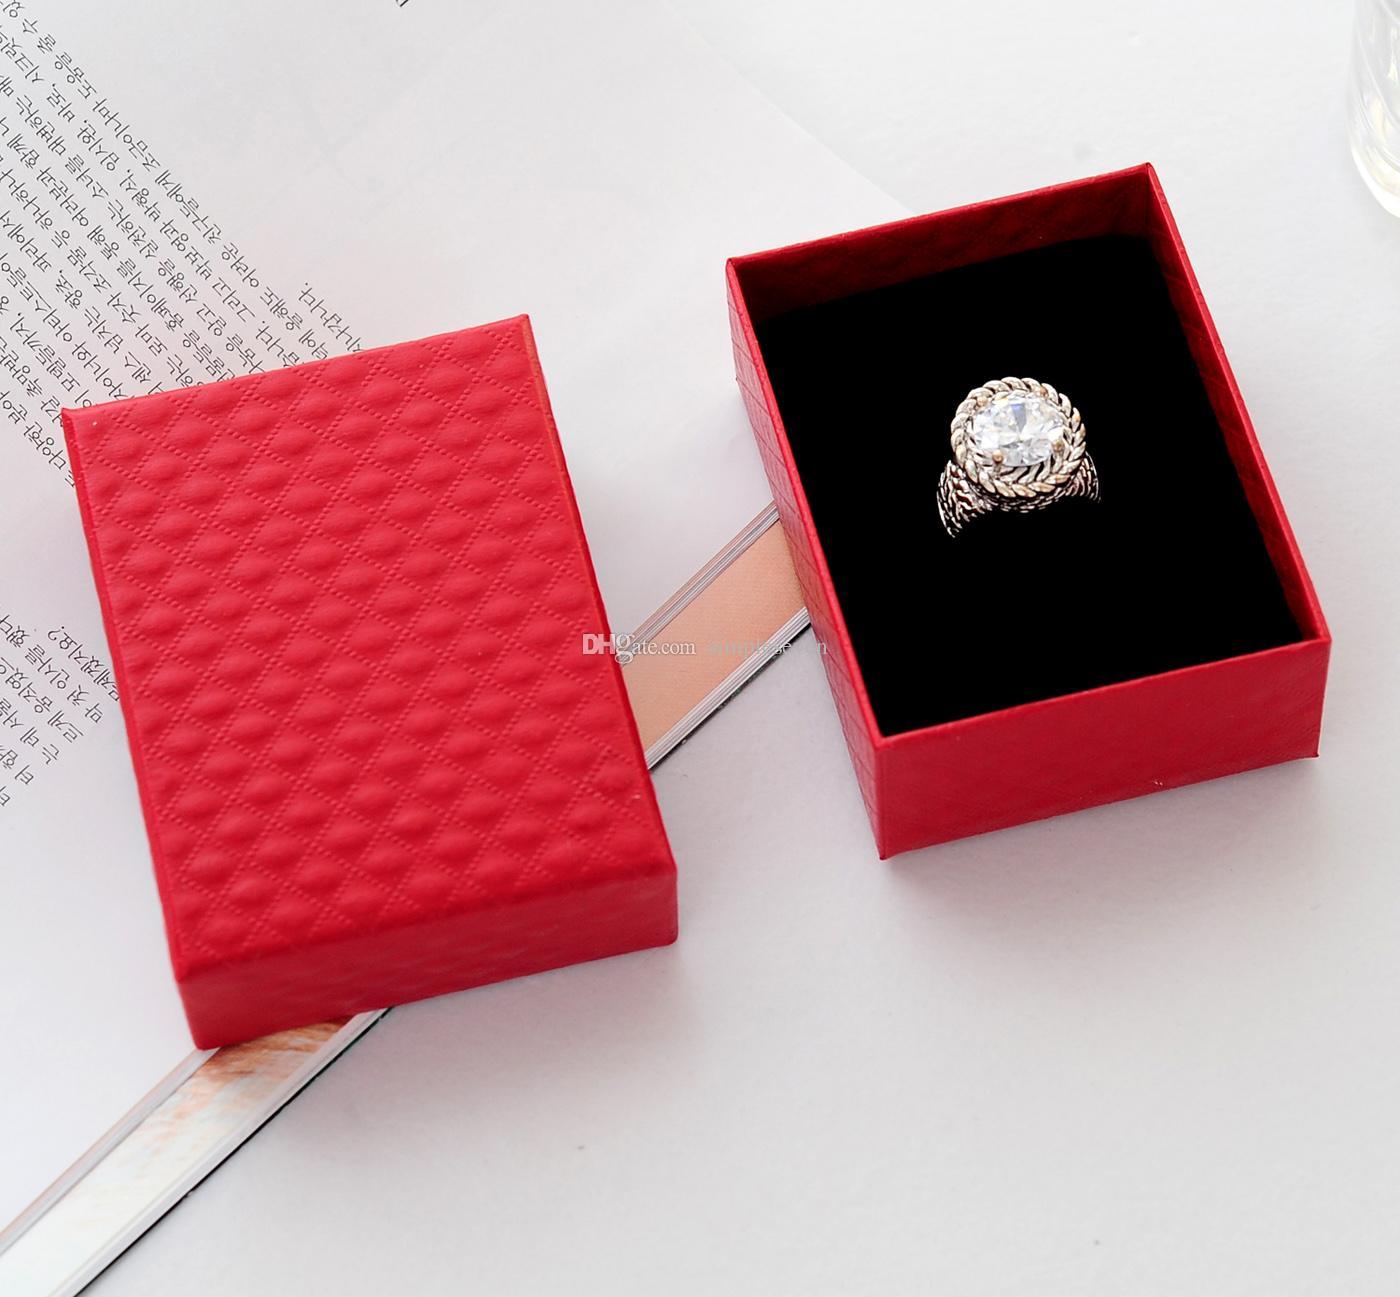 [Sette semplici] Vendita al dettaglio Classic Collana con diamanti modello diamante rosso Collana / bracciale imballaggio / / Pacchetto spilla misura media